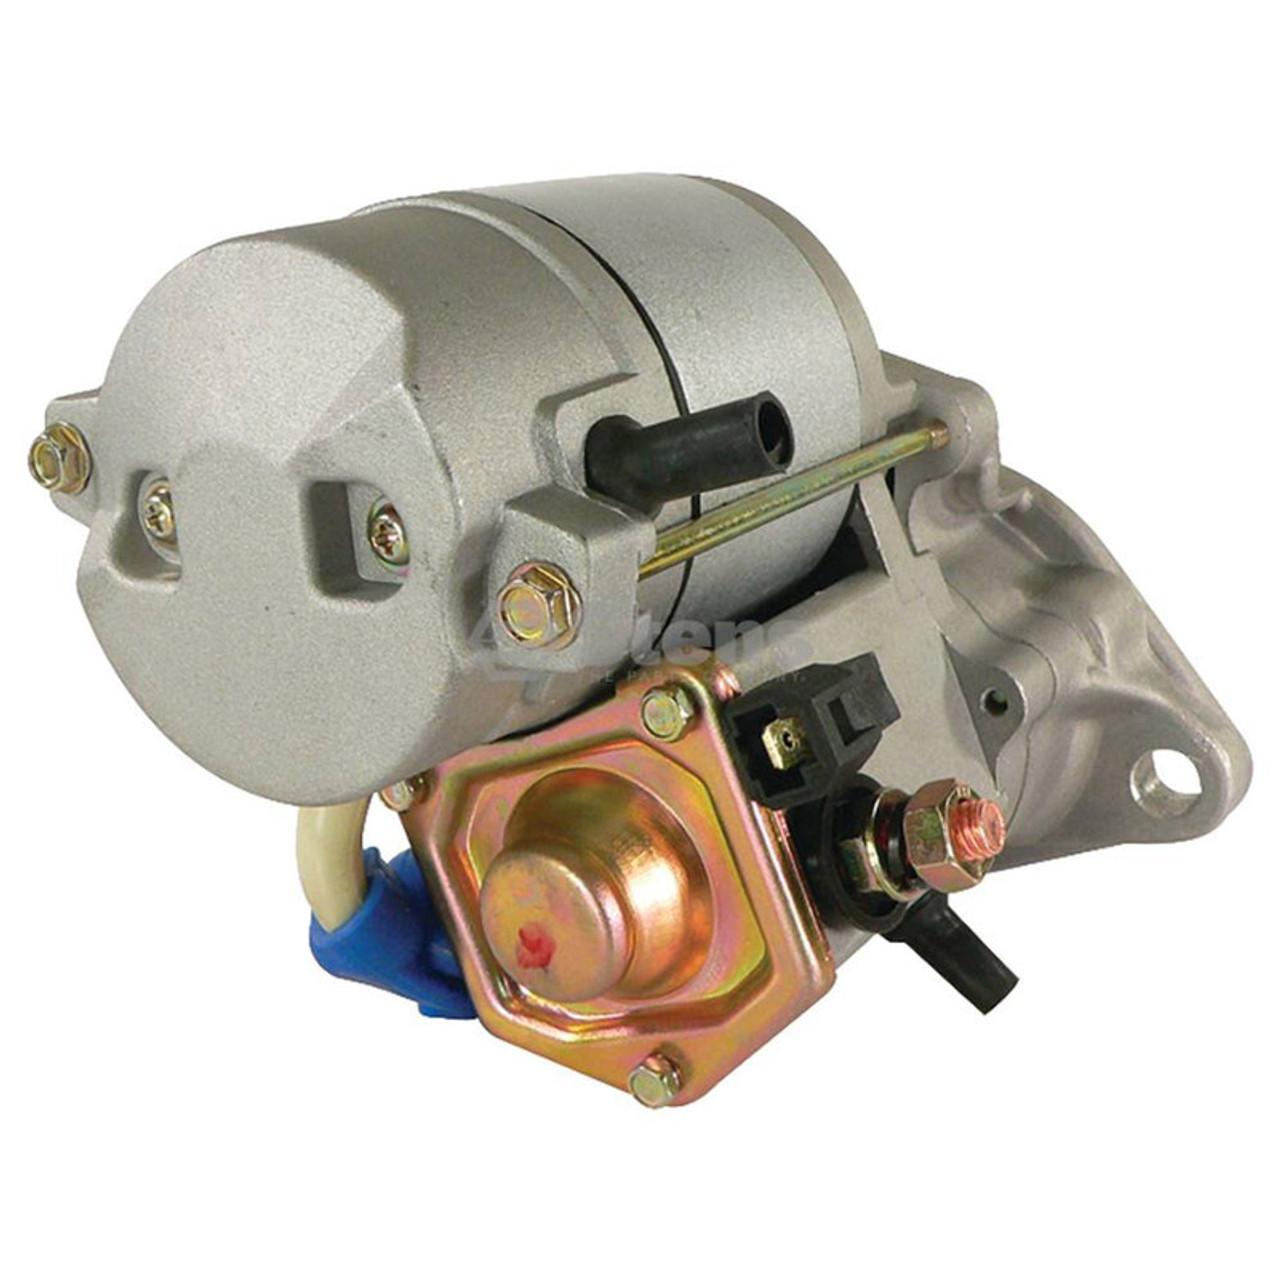 Electric Starter for Kubota F2302, L3350DT, L3350HDT, L3350MDT, L345DT, L3750, L3750DT, L3750HDT, L3750HF, L3750MDT, L3750MF, L4150, L4150DT, L4150DTN, L4150F, L4150HDT, L4150HF, L4150MDT, 1560163010, 1560163012, 1562163010, 1562163012